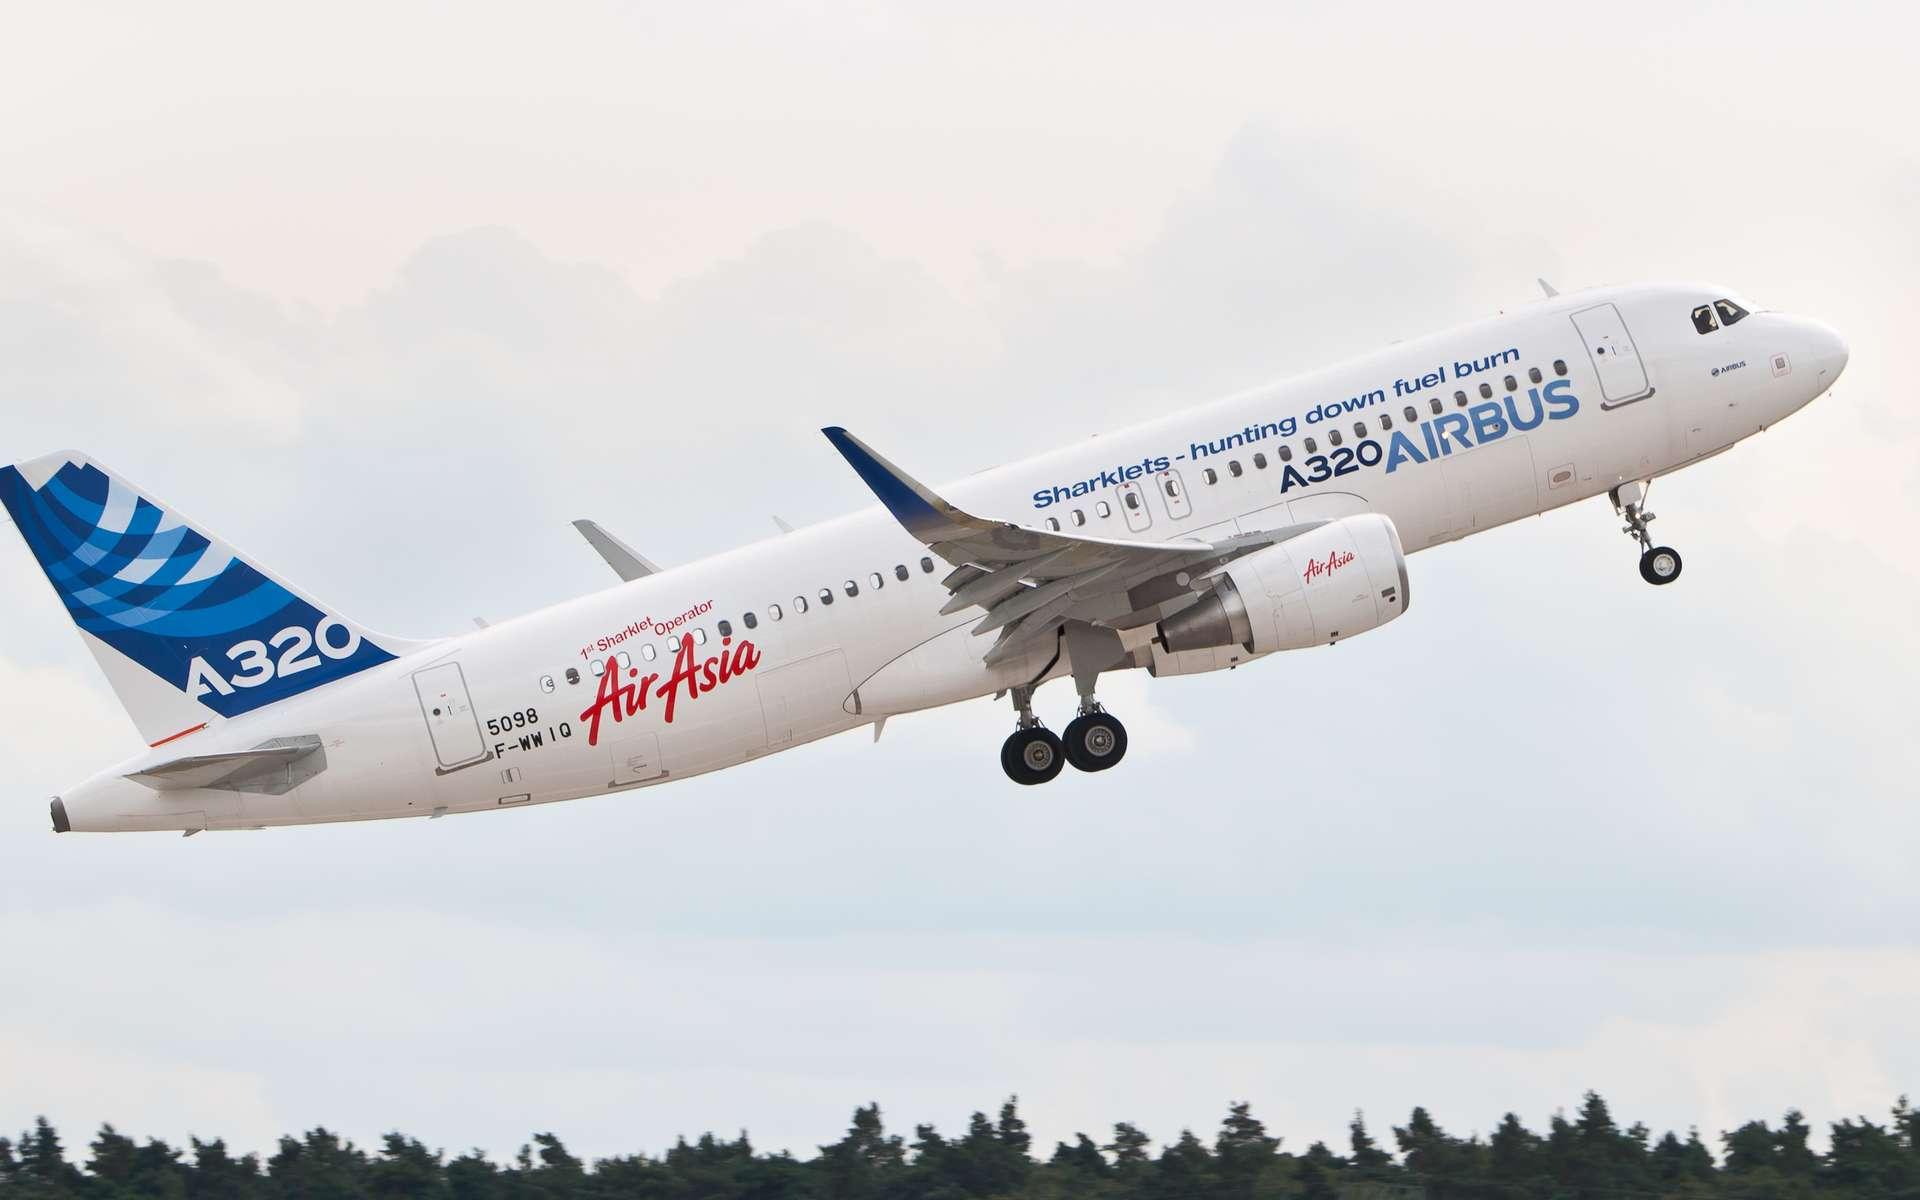 Un véritable A320 au décollage. Toutes les actions à mener et les réactions de l'appareil peuvent être simulées. © Julian Herzog, CC by 4.0